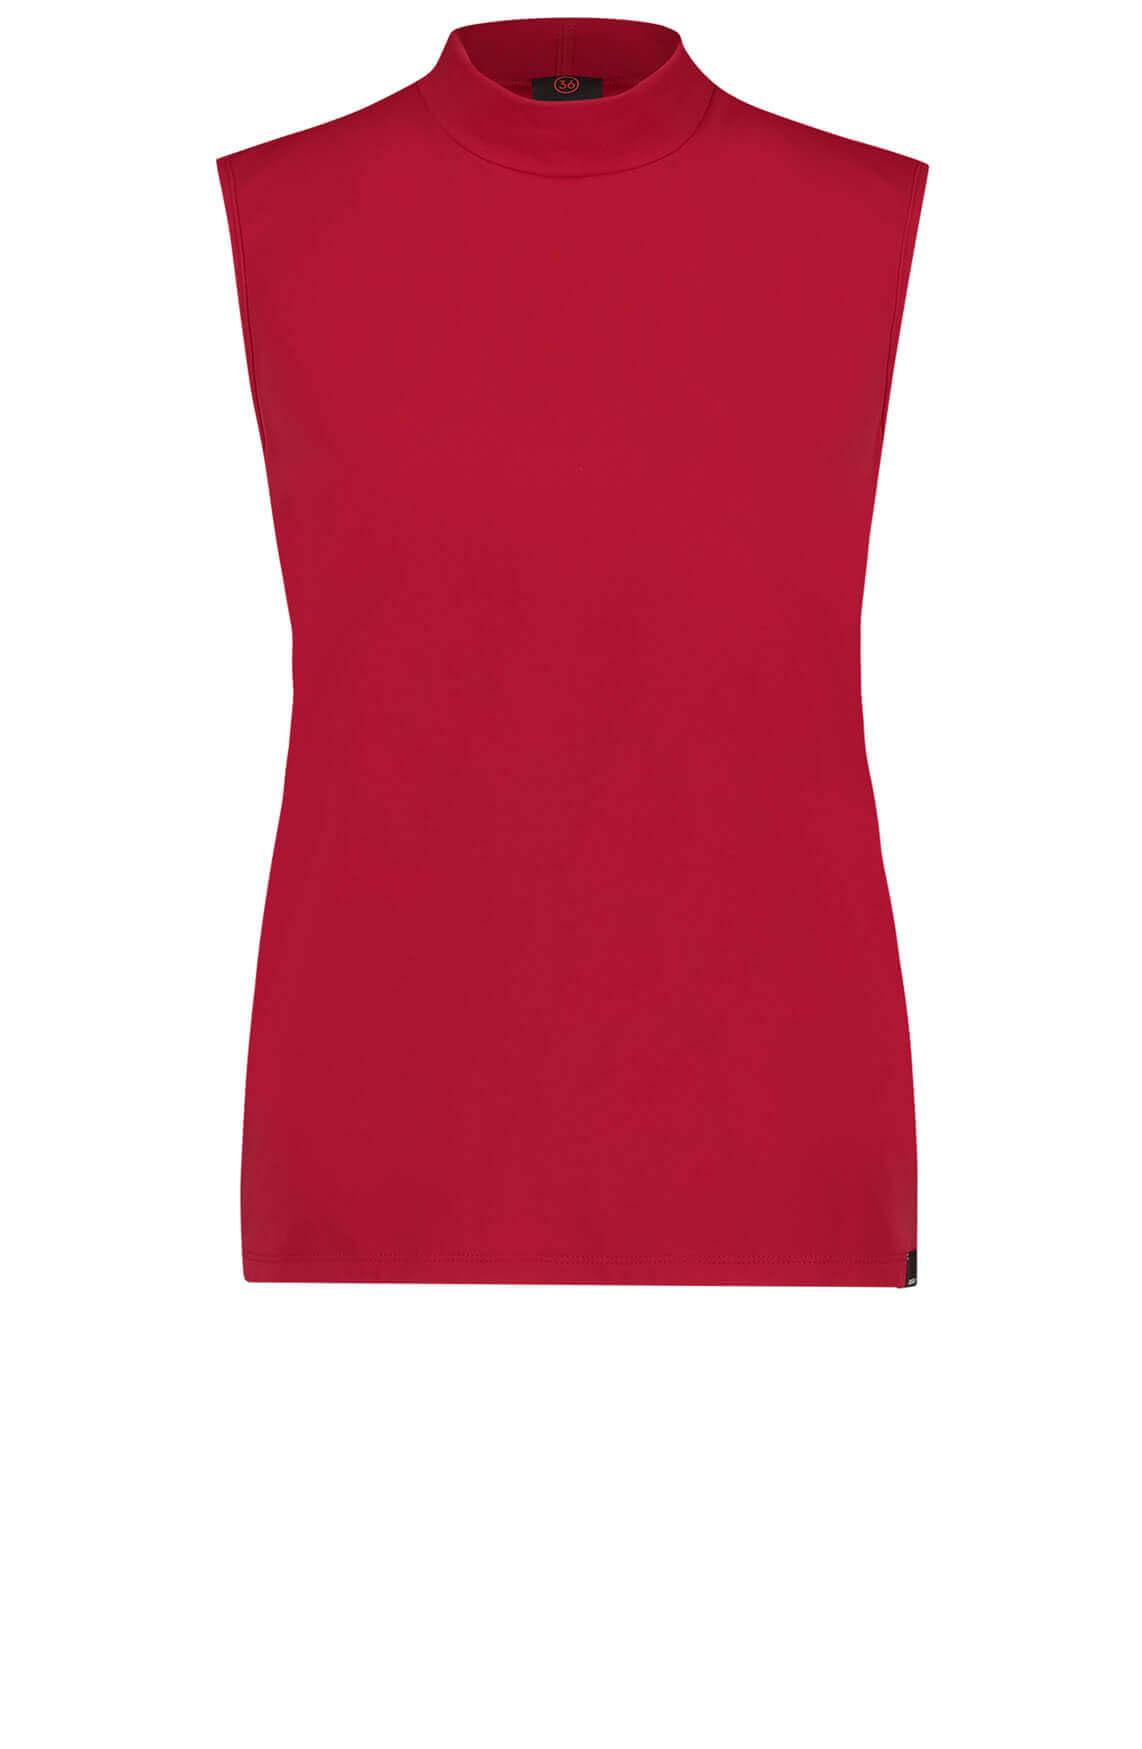 Penn & Ink Dames Mouwloze top Rood